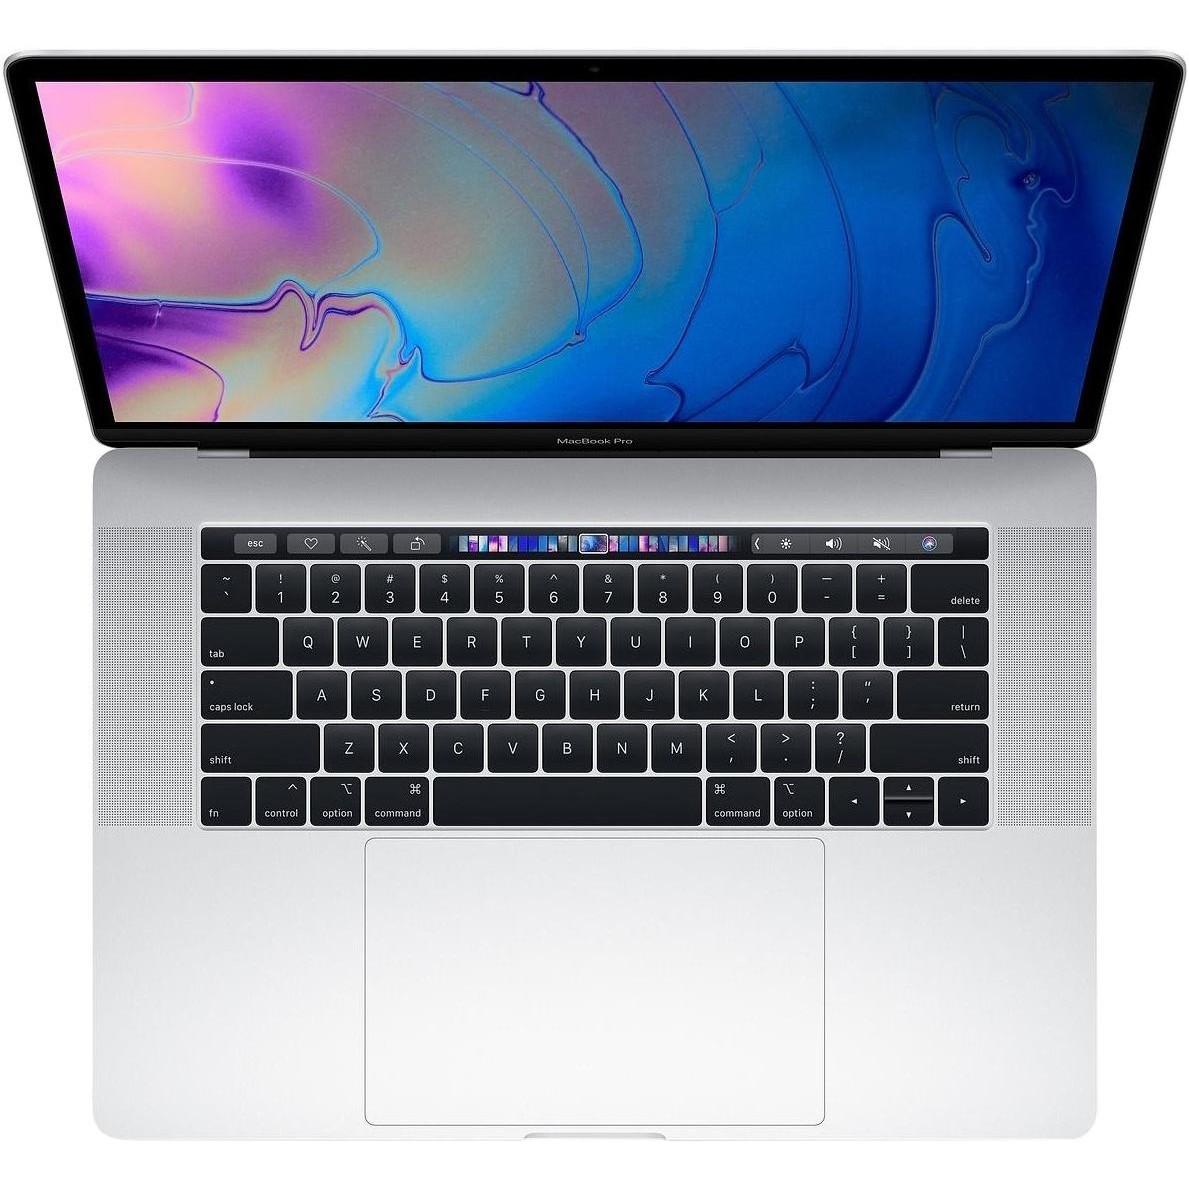 لپ تاپ 15 اینچی اپل مدل MacBook Pro MV922 2019 همراه با تاچ بار